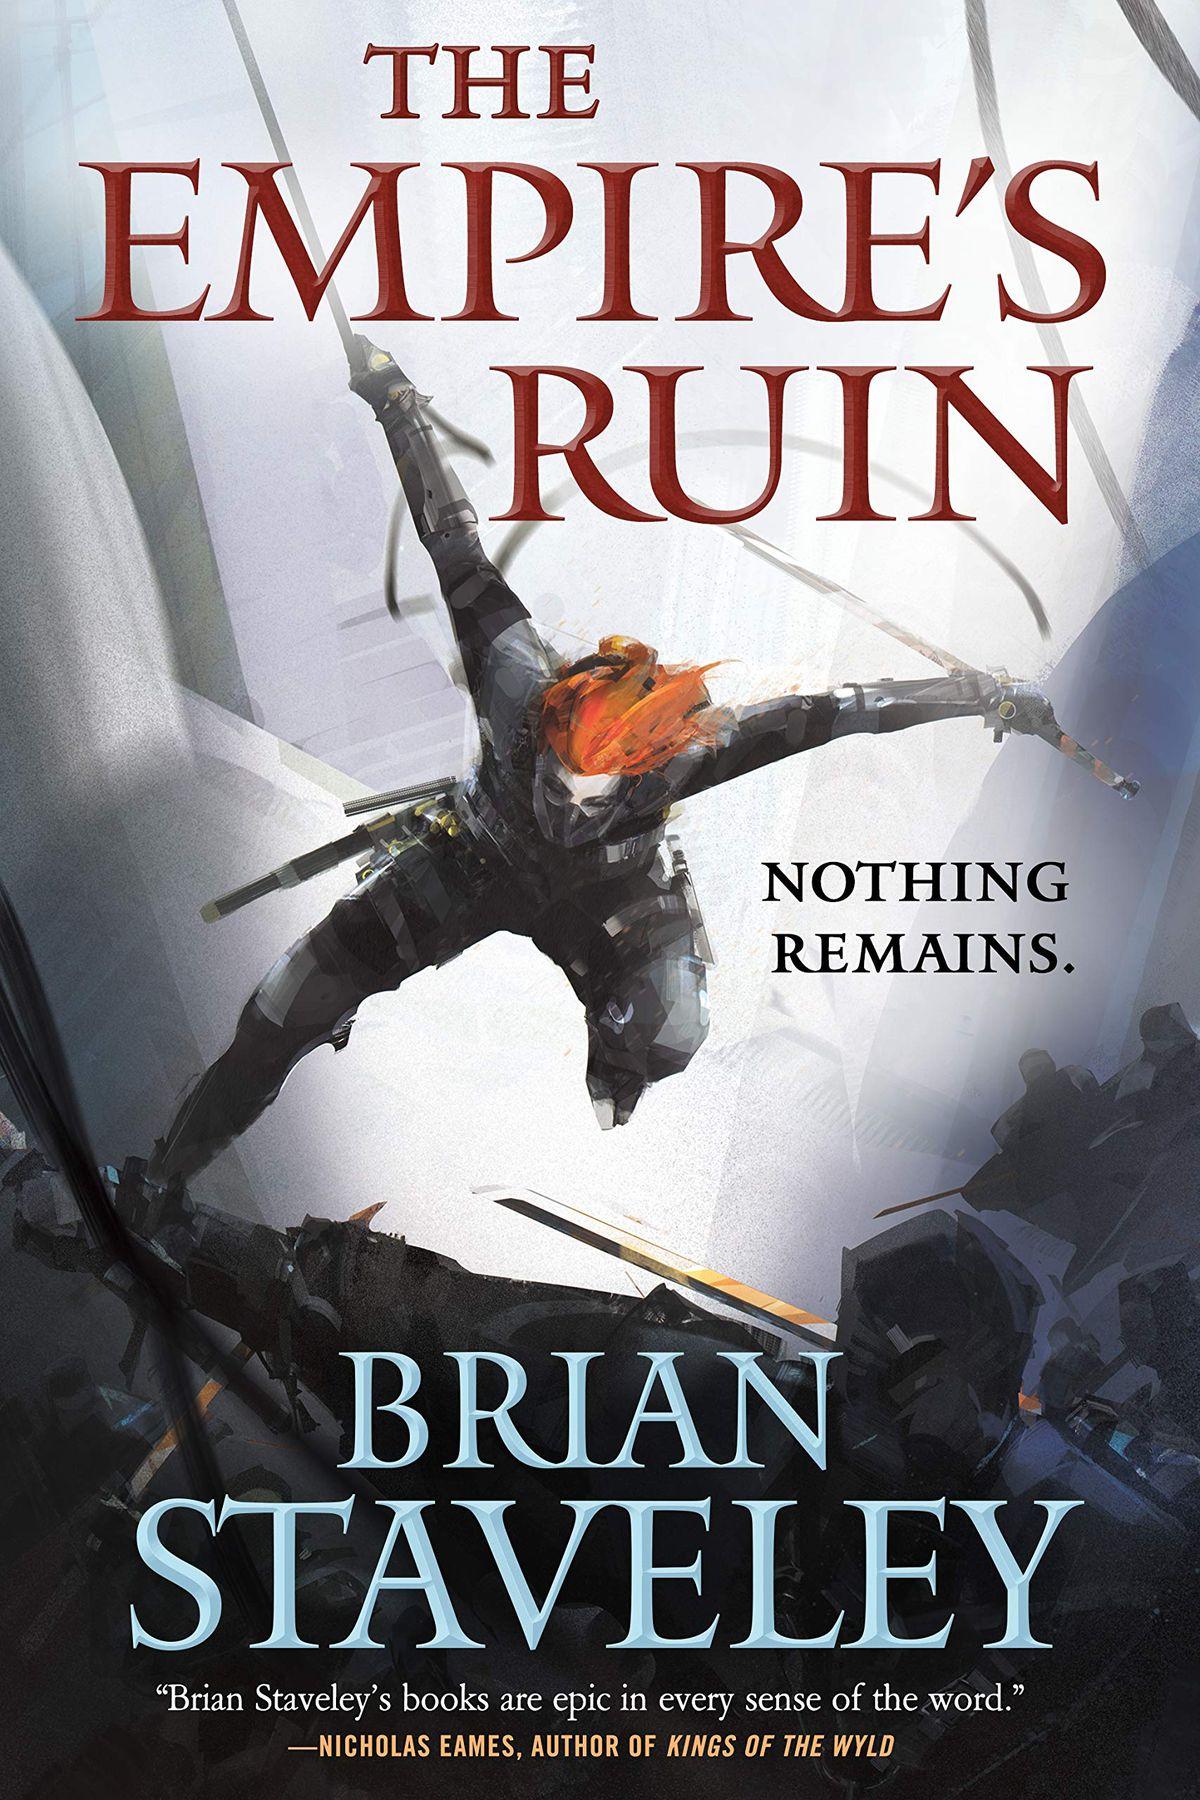 The Empire's Ruin book cover